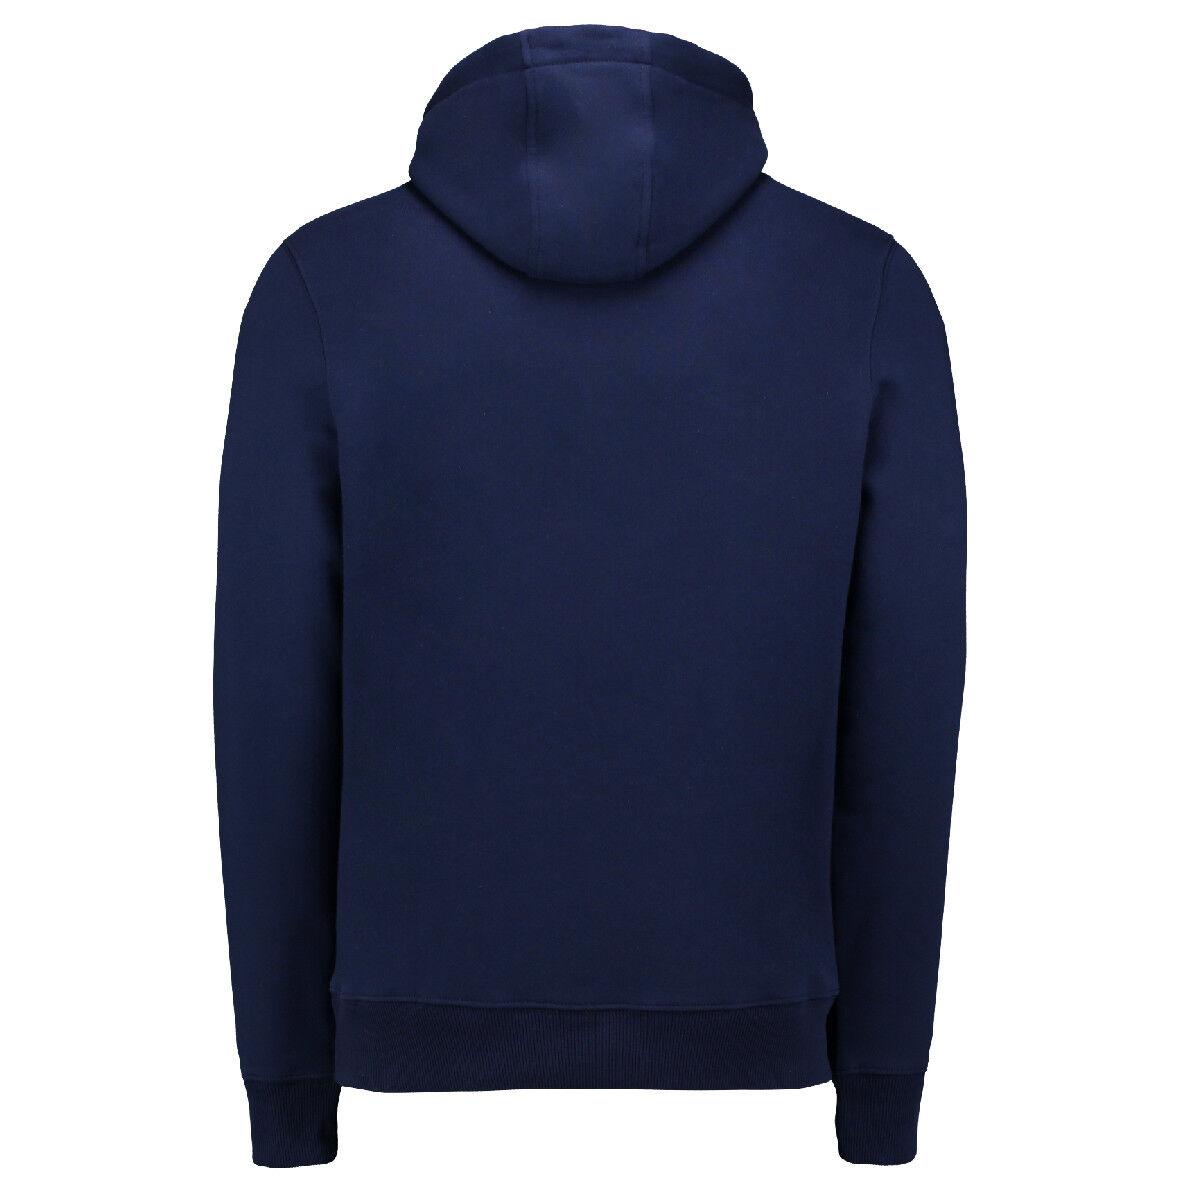 NFL Hoody Denver Broncos Splatter Hoodie Kaputzenpullover Kaputzenpullover Kaputzenpullover hooded sweater 1d1a91